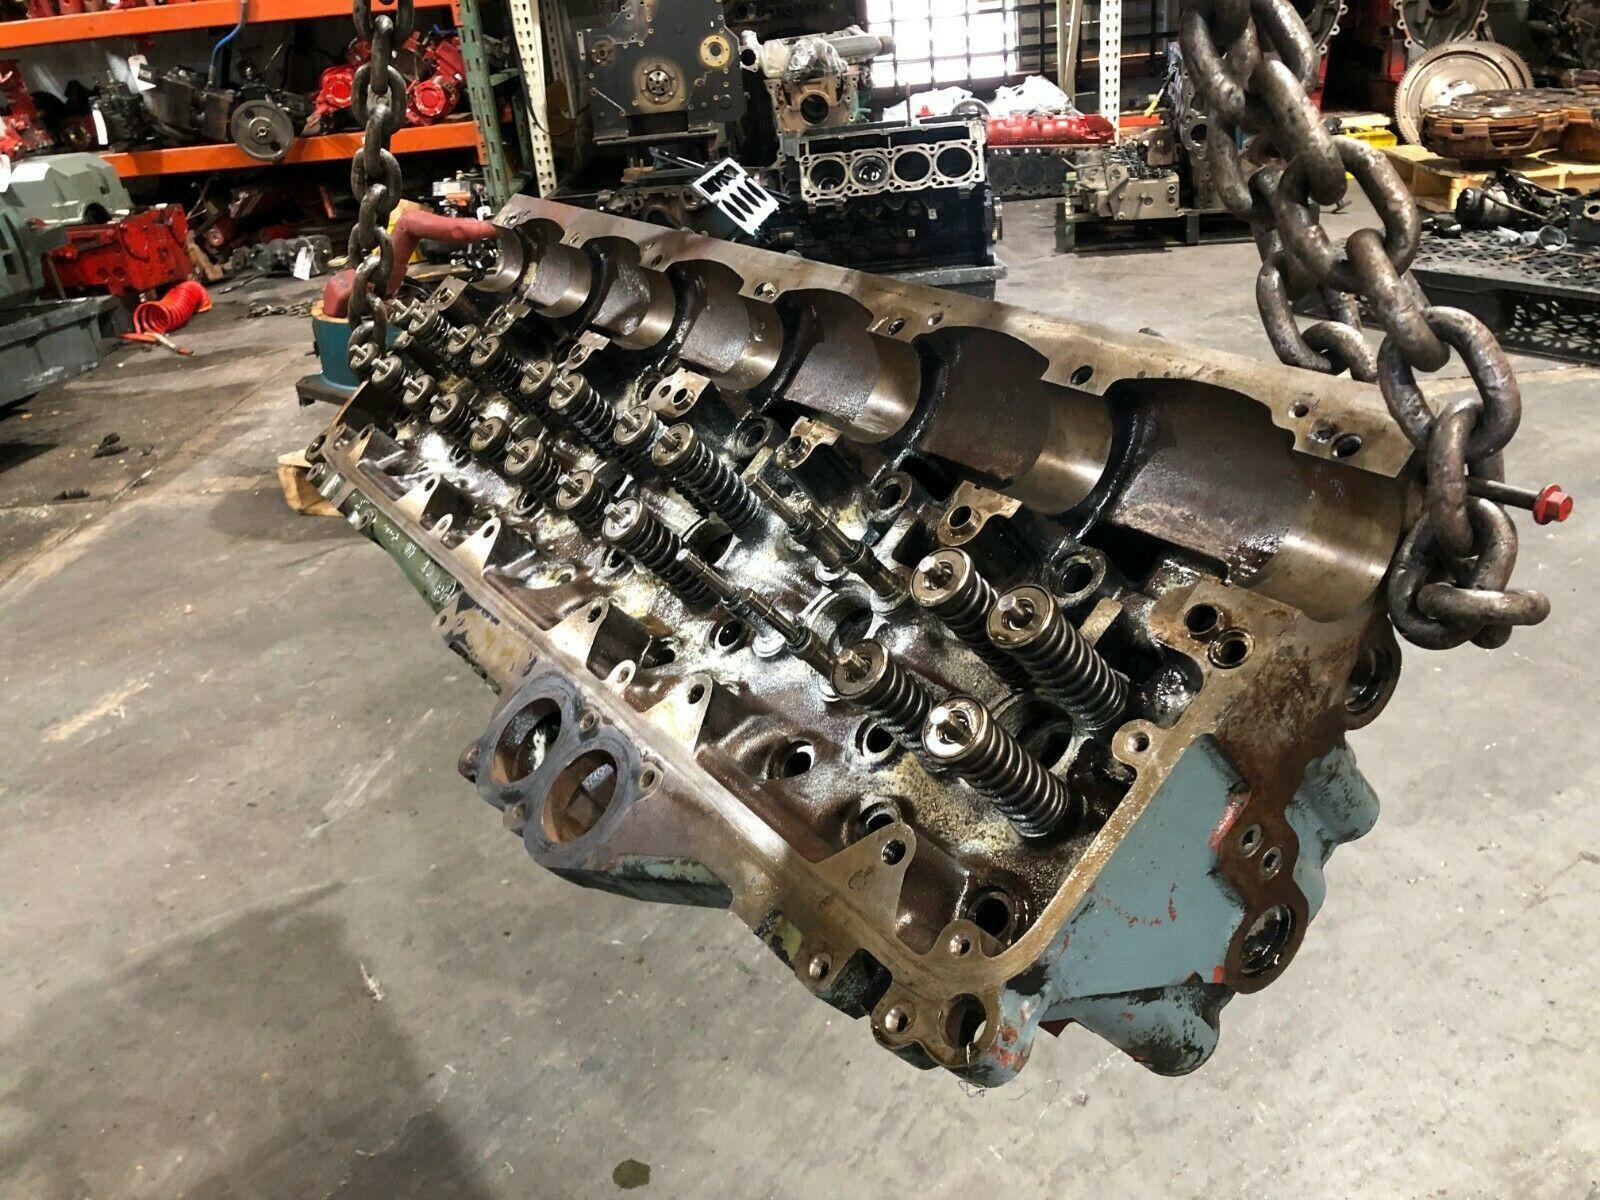 Detroit Series 60 14.0 Liter Diesel Engine Cylinder Head As Is OEM image 5